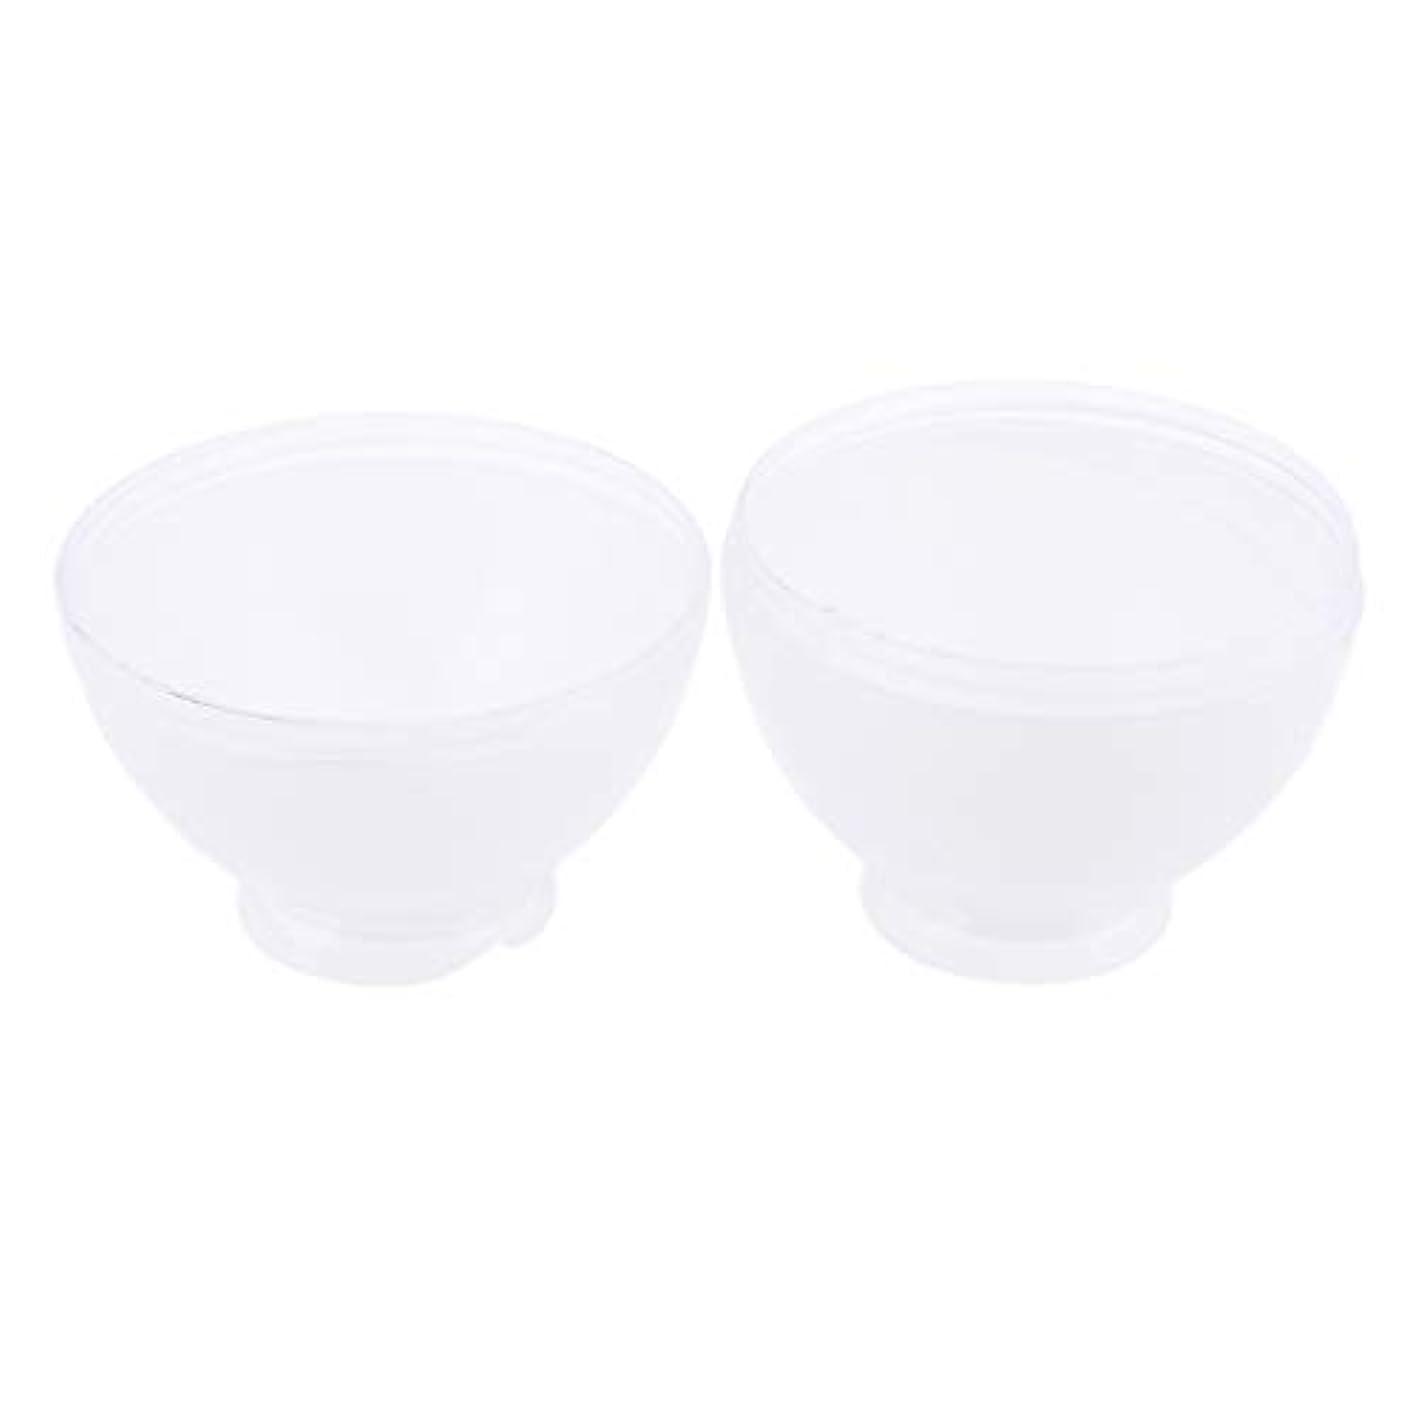 望む年リスクDYNWAVE カラーボウル ヘアカラー ミキシングボトル プロ 美容師 キャンディー形状 便利 漏れ防止 全3色 - 白